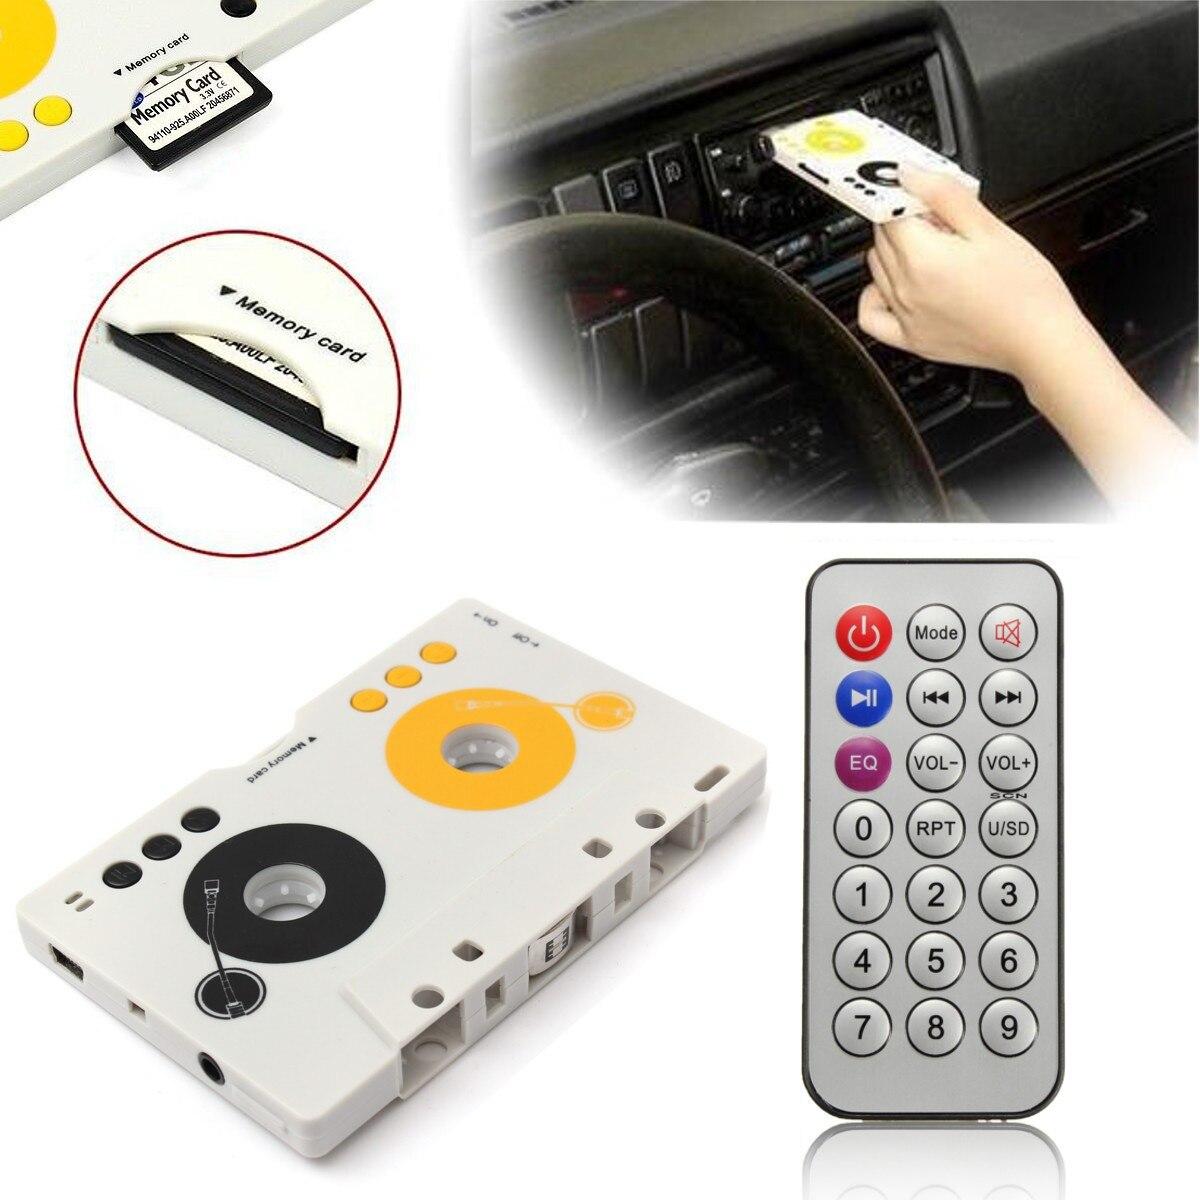 Портативный Винтаж кассеты автомобиля SD MMC MP3 Клейкие ленты адаптер игрока комплект с Дистанционное управление инструкция стерео аудио кассетный плеер